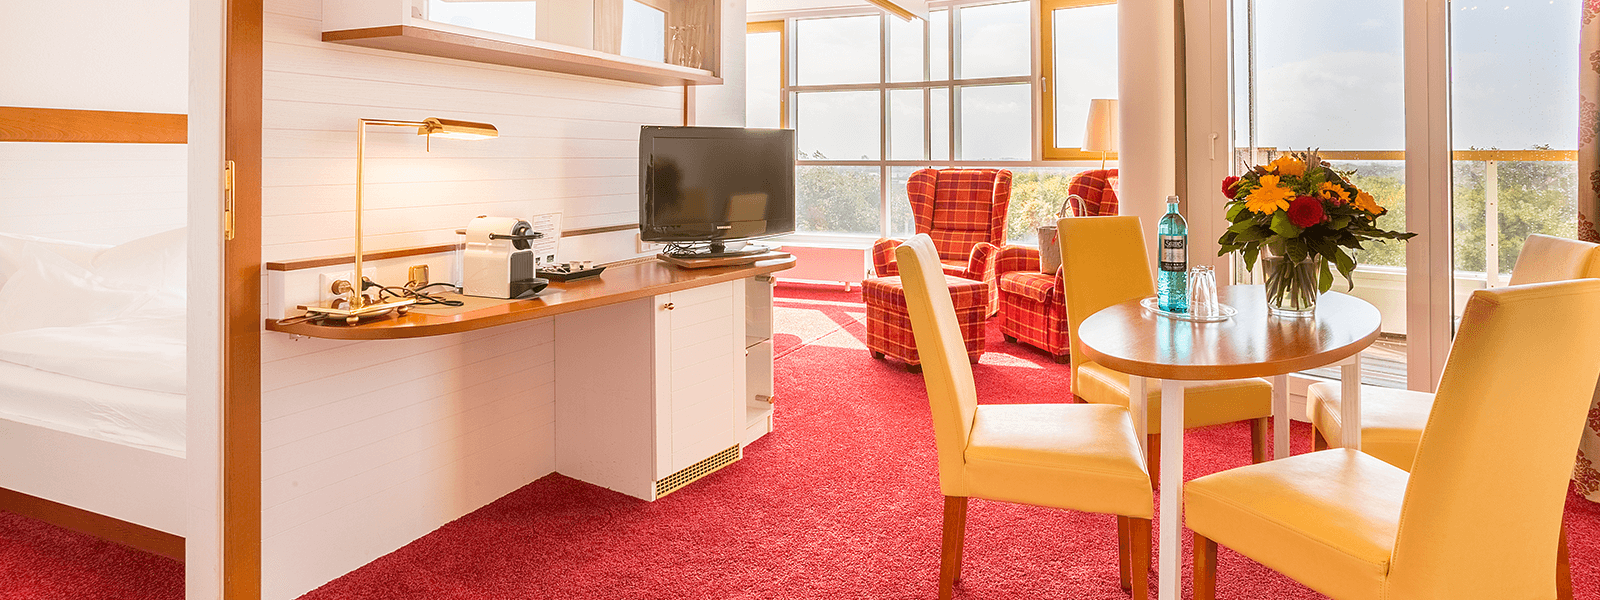 Blick auf den Wohnbereich mit Tisch und Stühlen